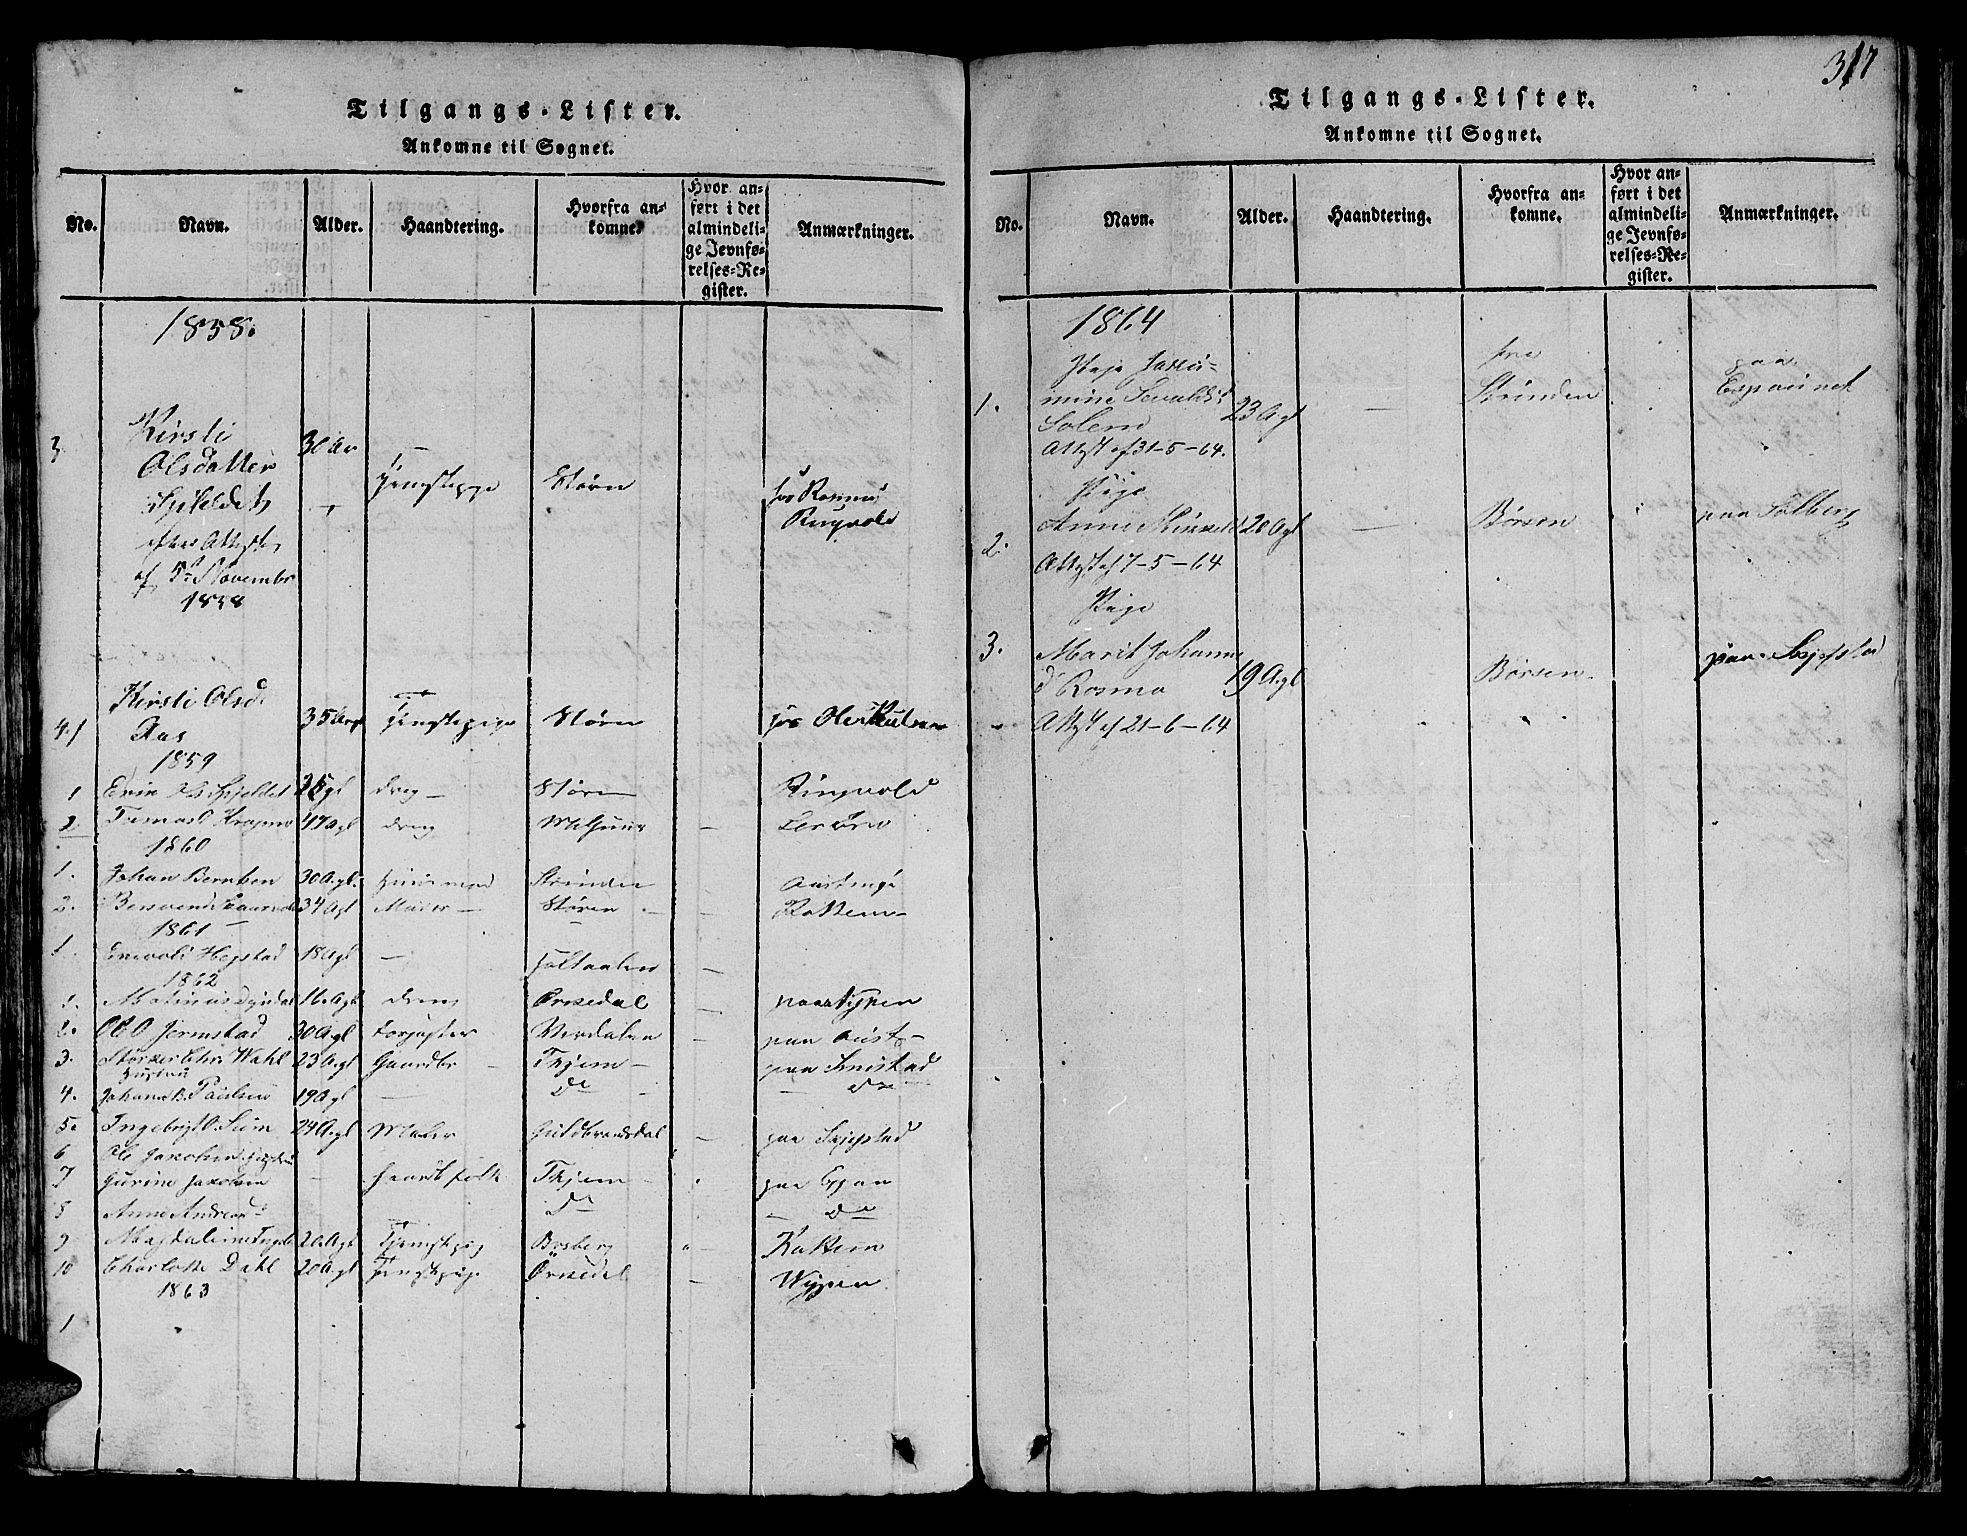 SAT, Ministerialprotokoller, klokkerbøker og fødselsregistre - Sør-Trøndelag, 613/L0393: Klokkerbok nr. 613C01, 1816-1886, s. 317